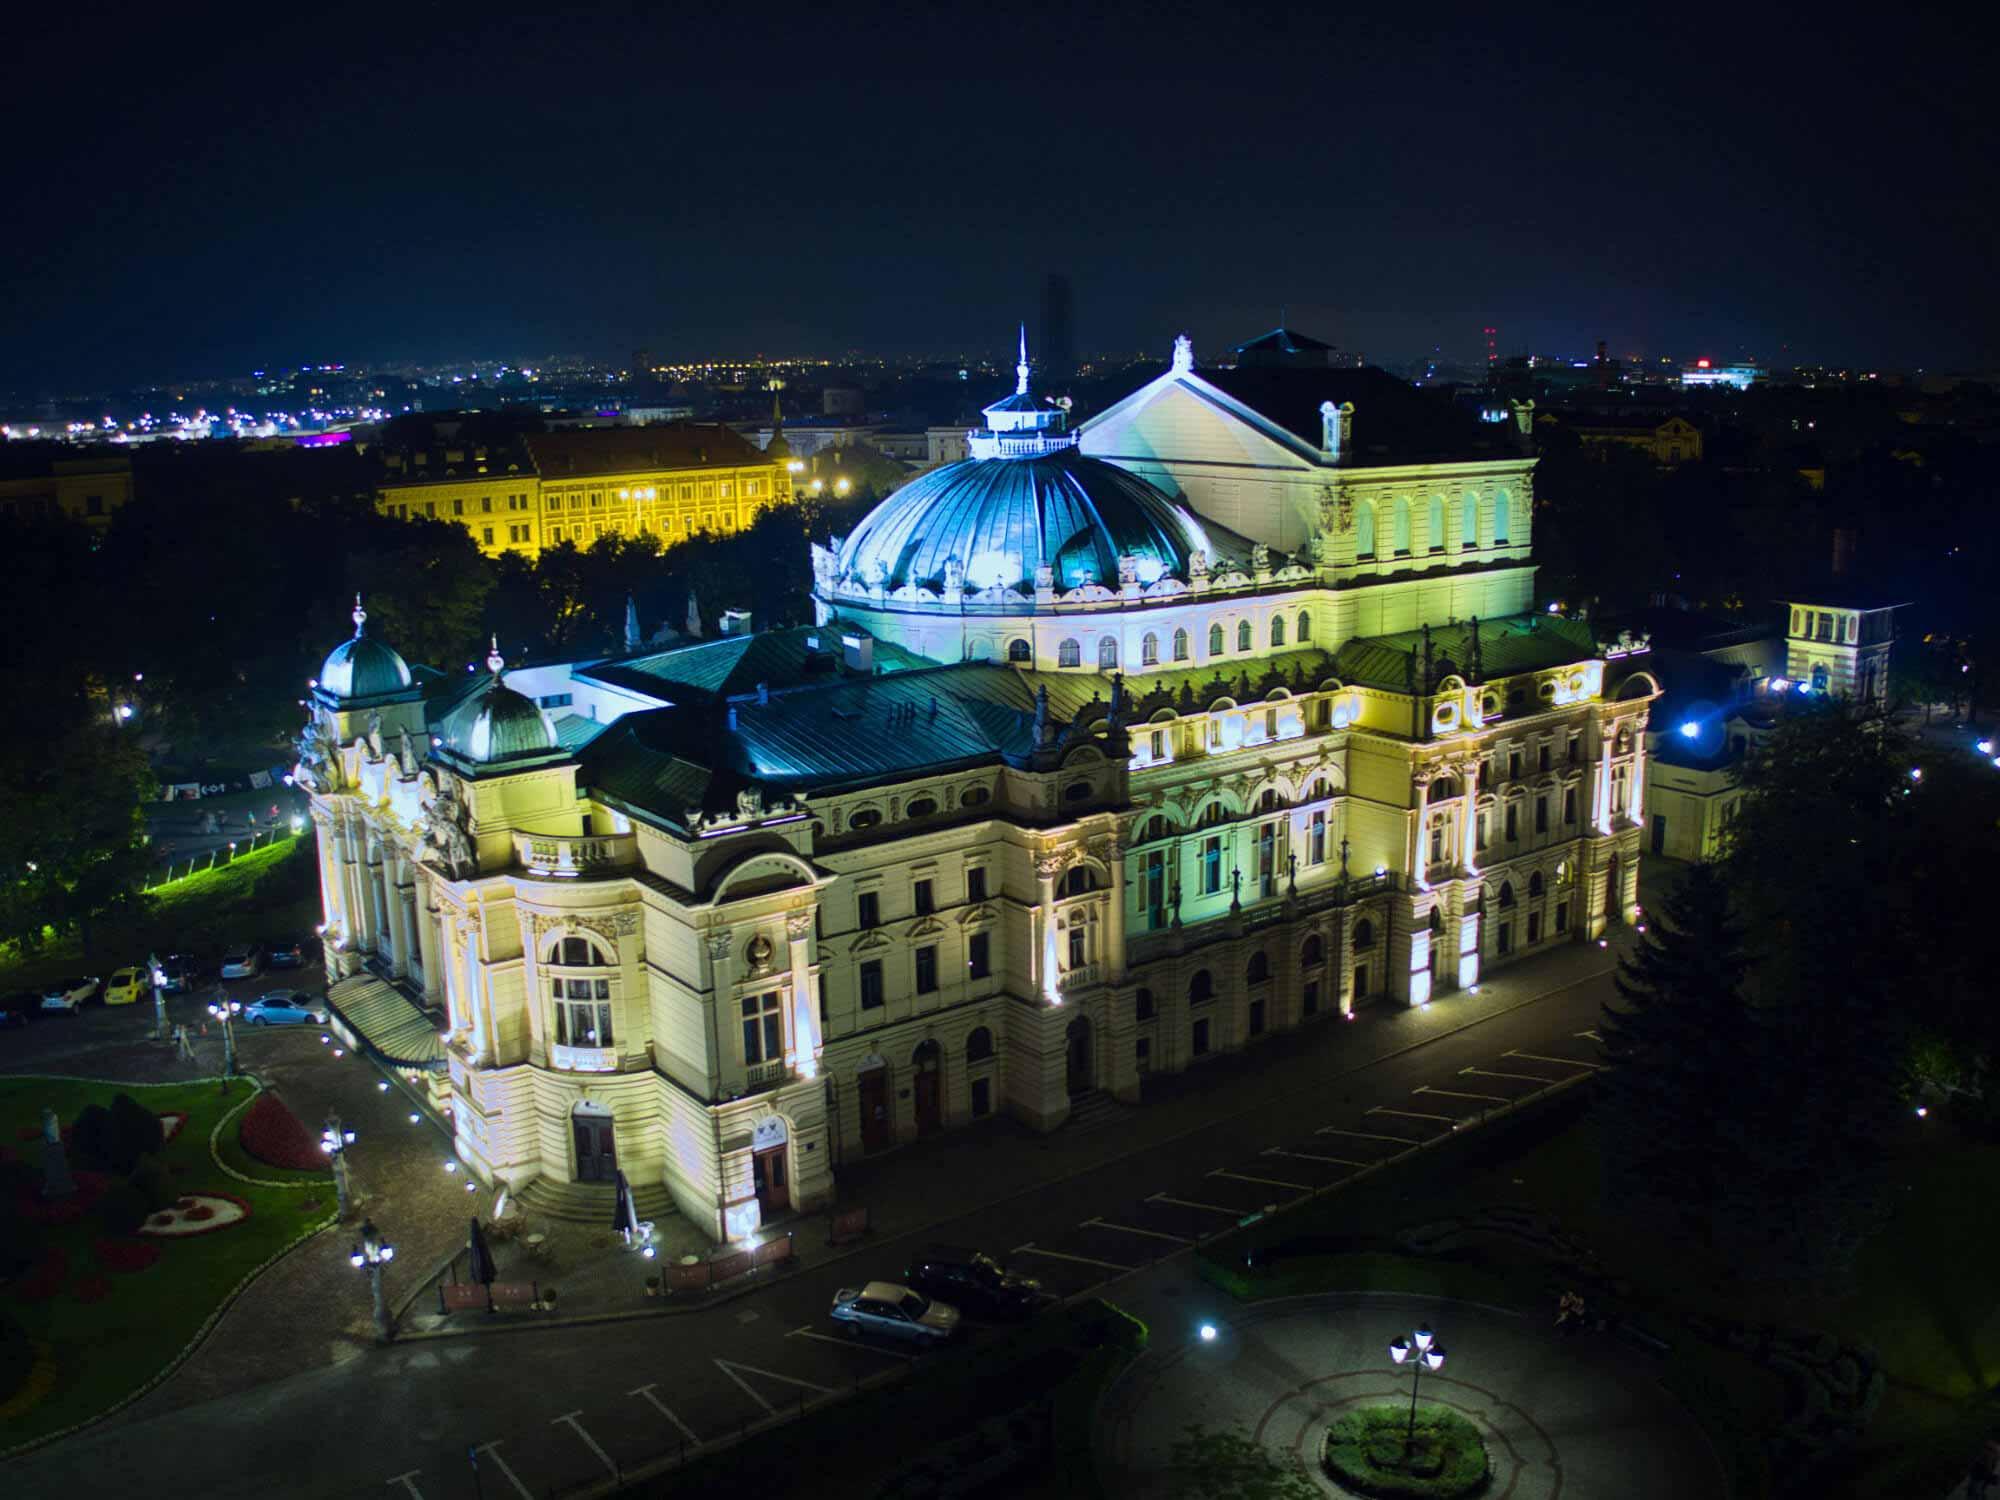 Wirtualny spacer Teatr Słowackiego z lotu ptaka